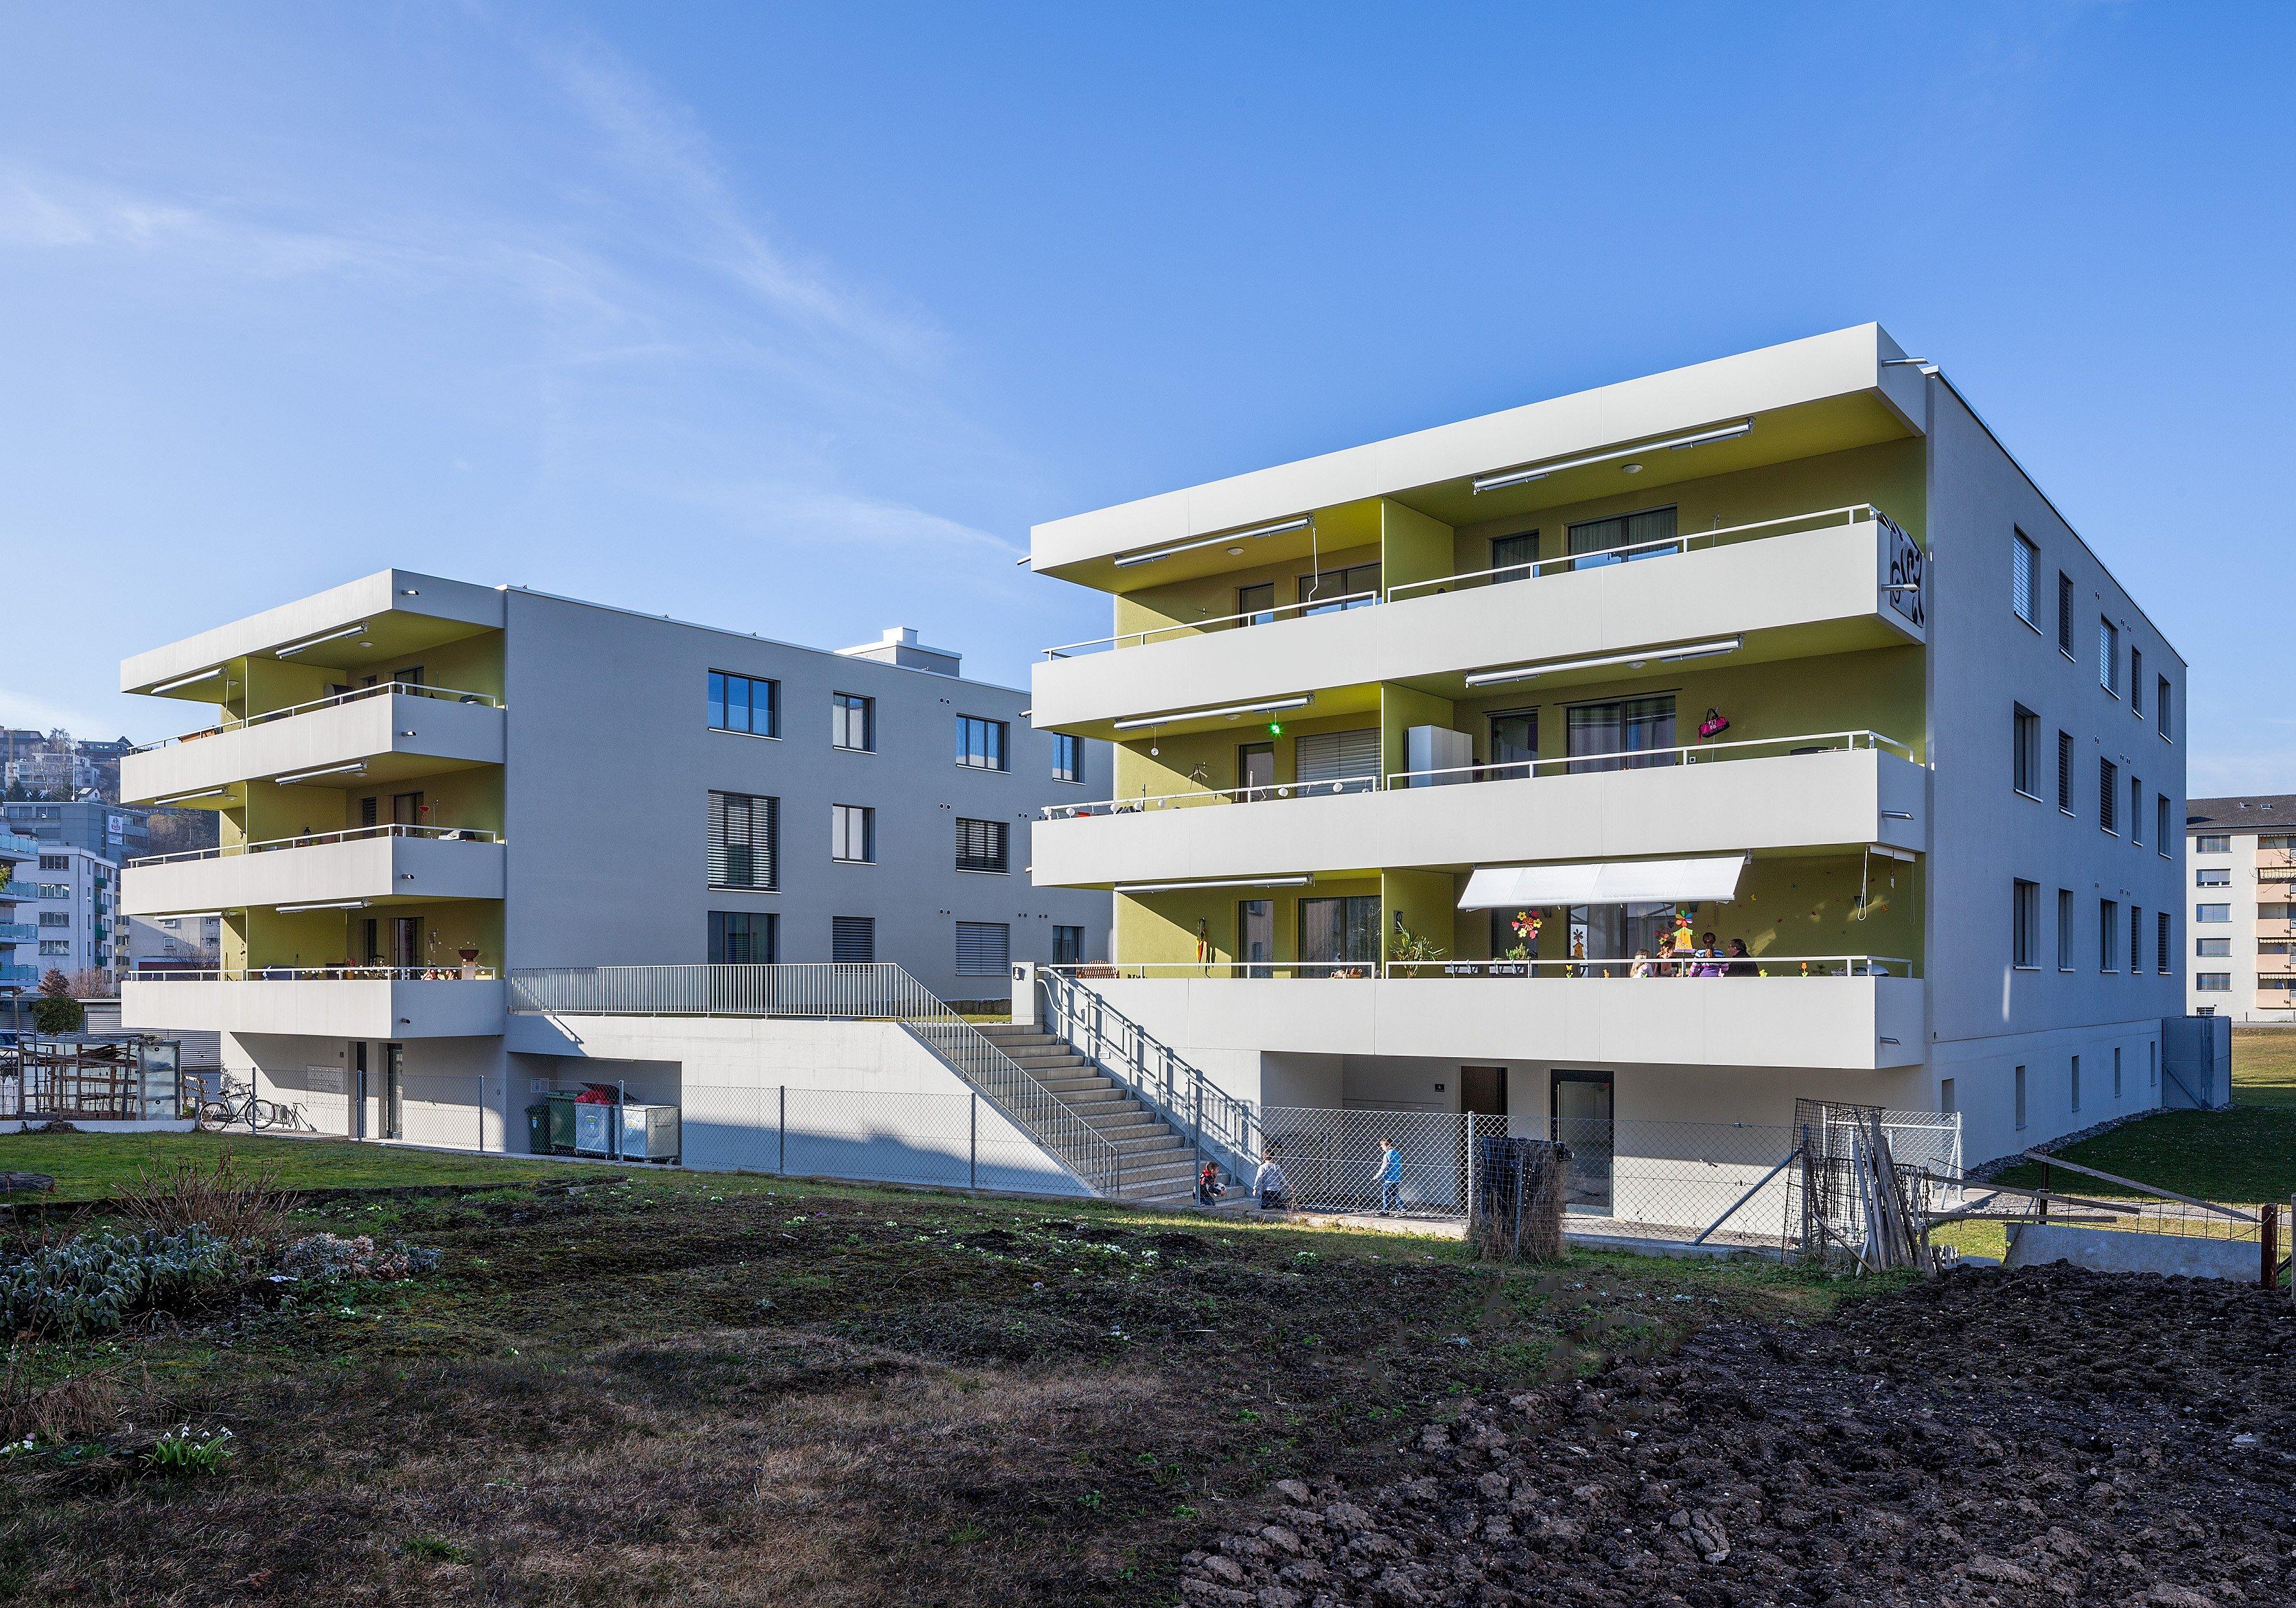 Annen Architektur AG